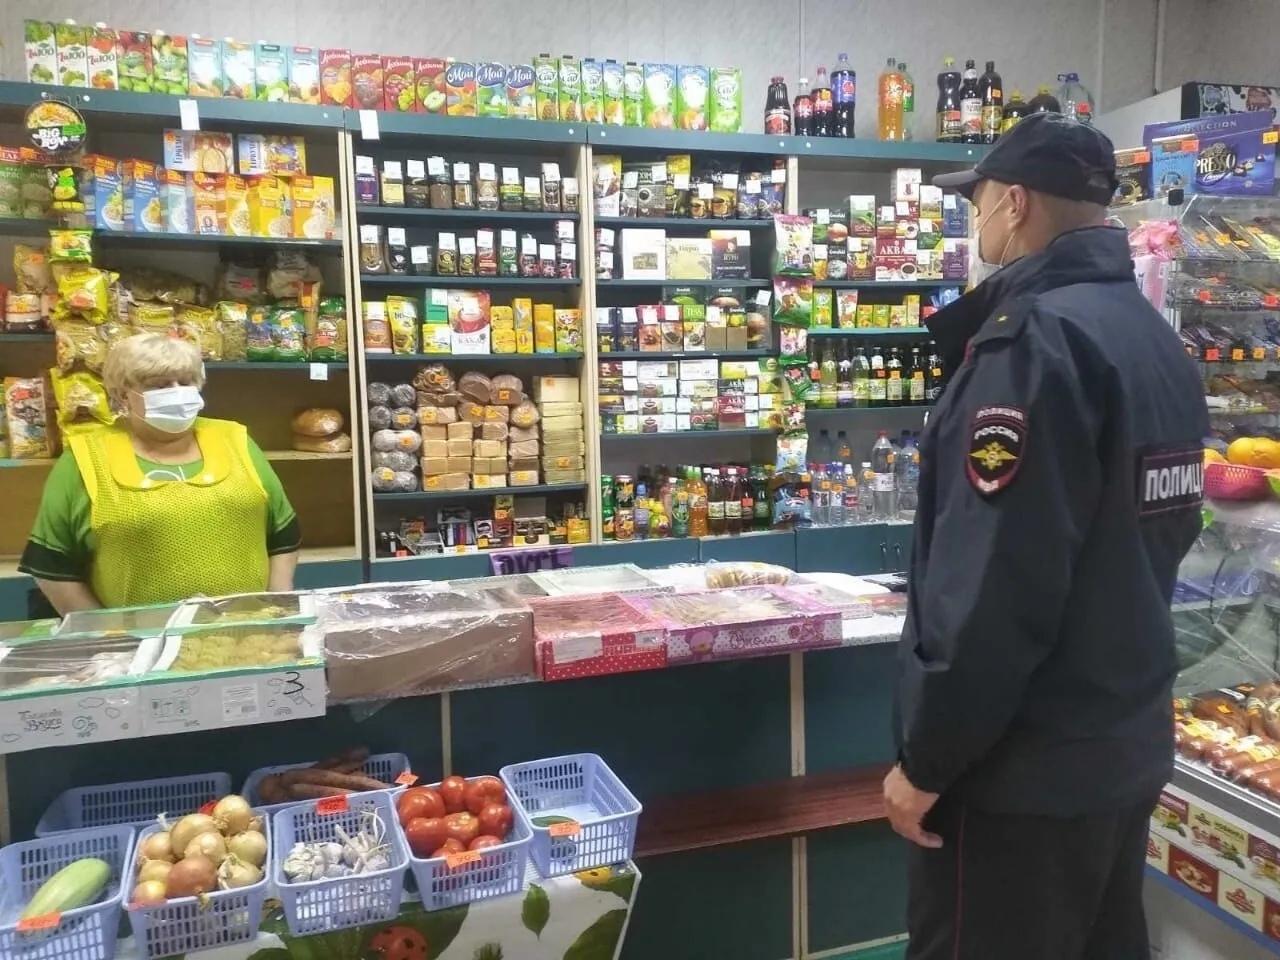 Сегодня, 25 октября, сотрудники правоохранительных органов провели очередной рейд и проверили, как петровчане соблюдают противоэпидемические требования